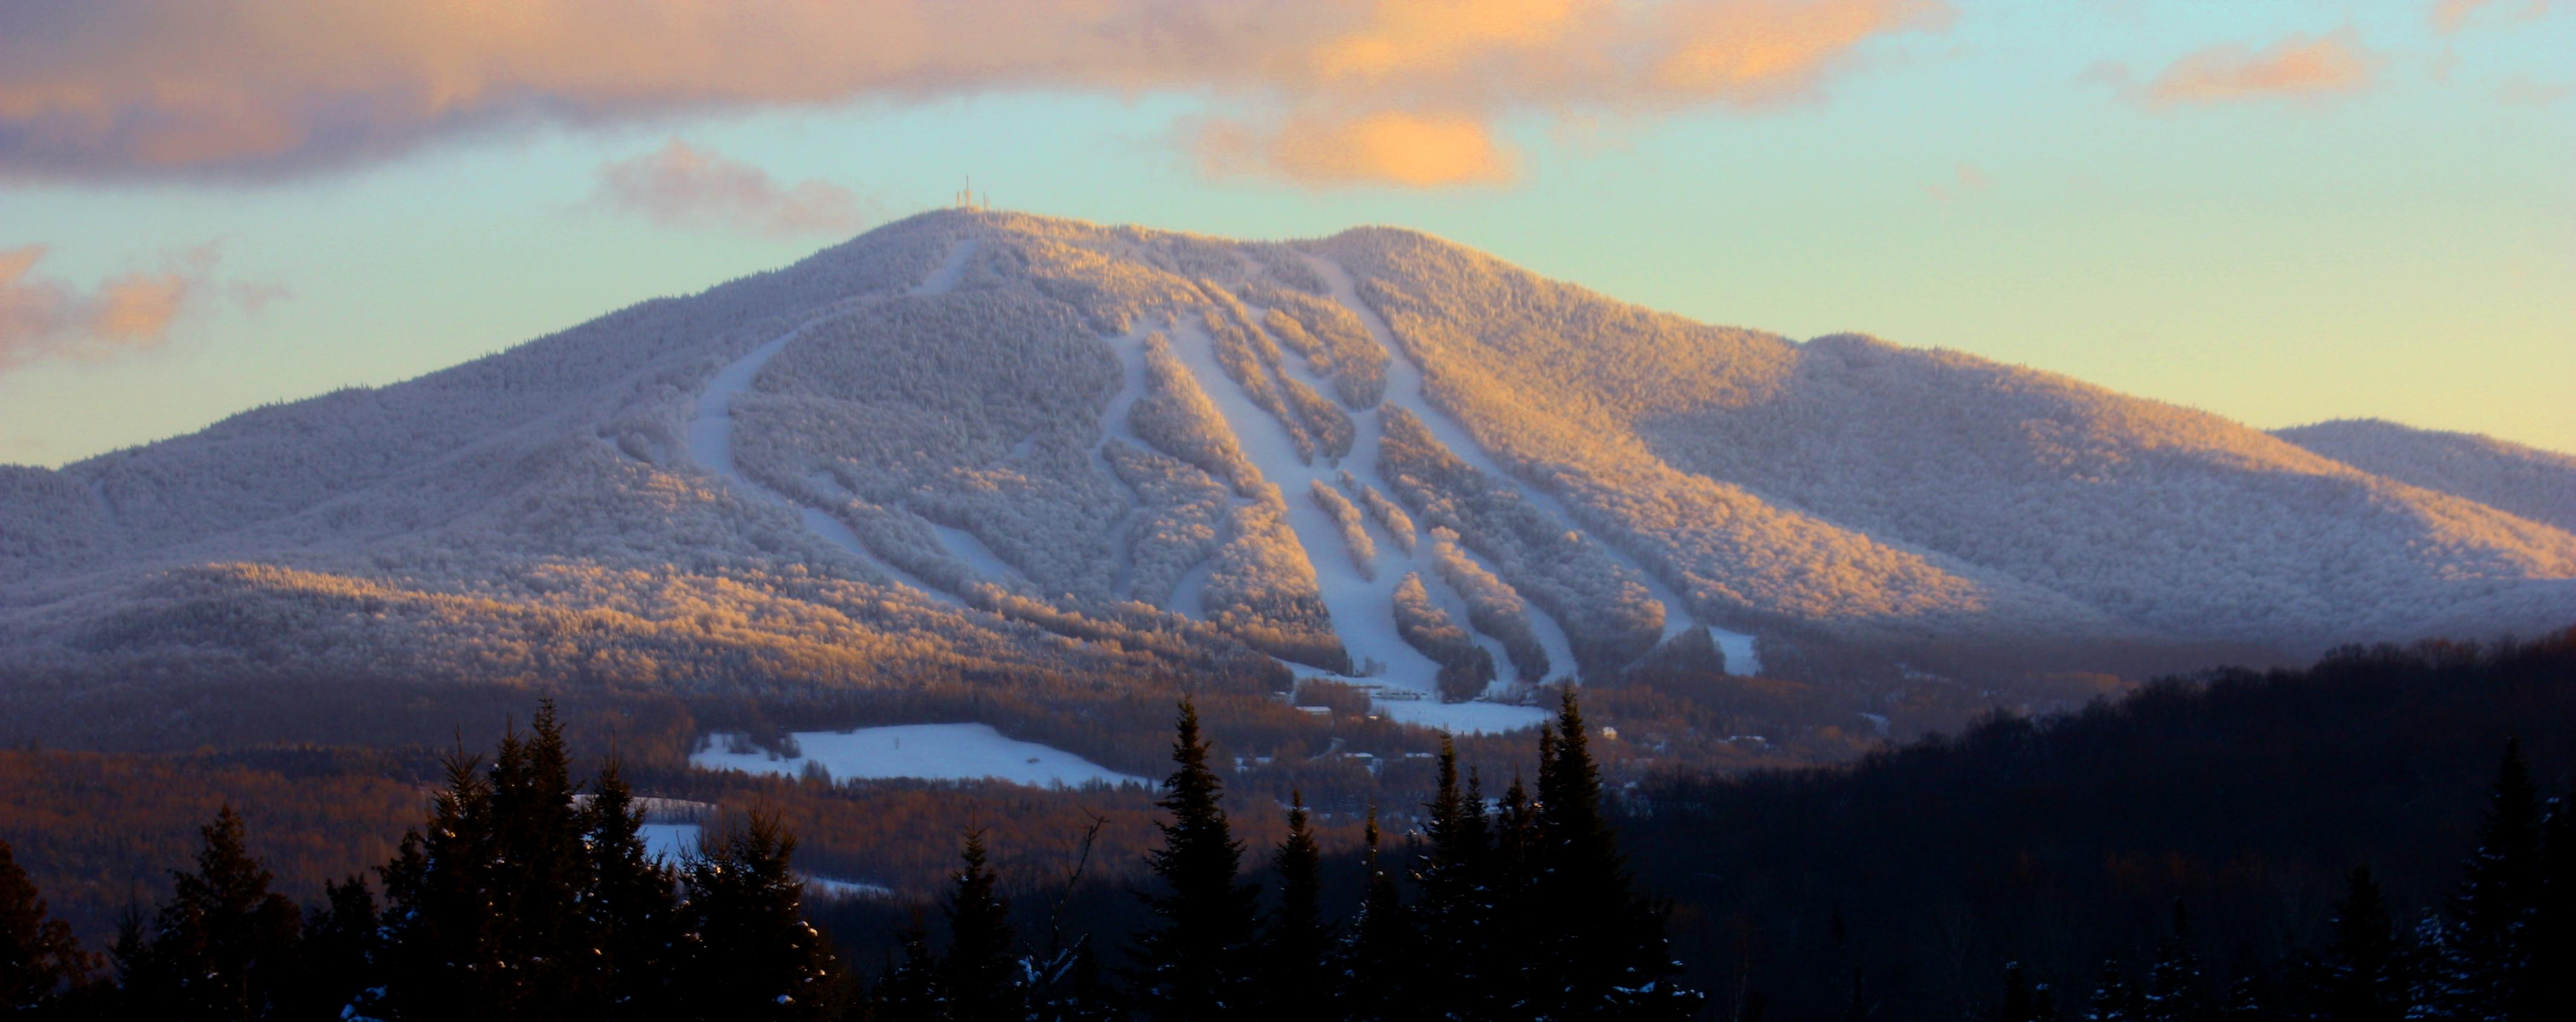 burke mountain (vermont) - wikipedia